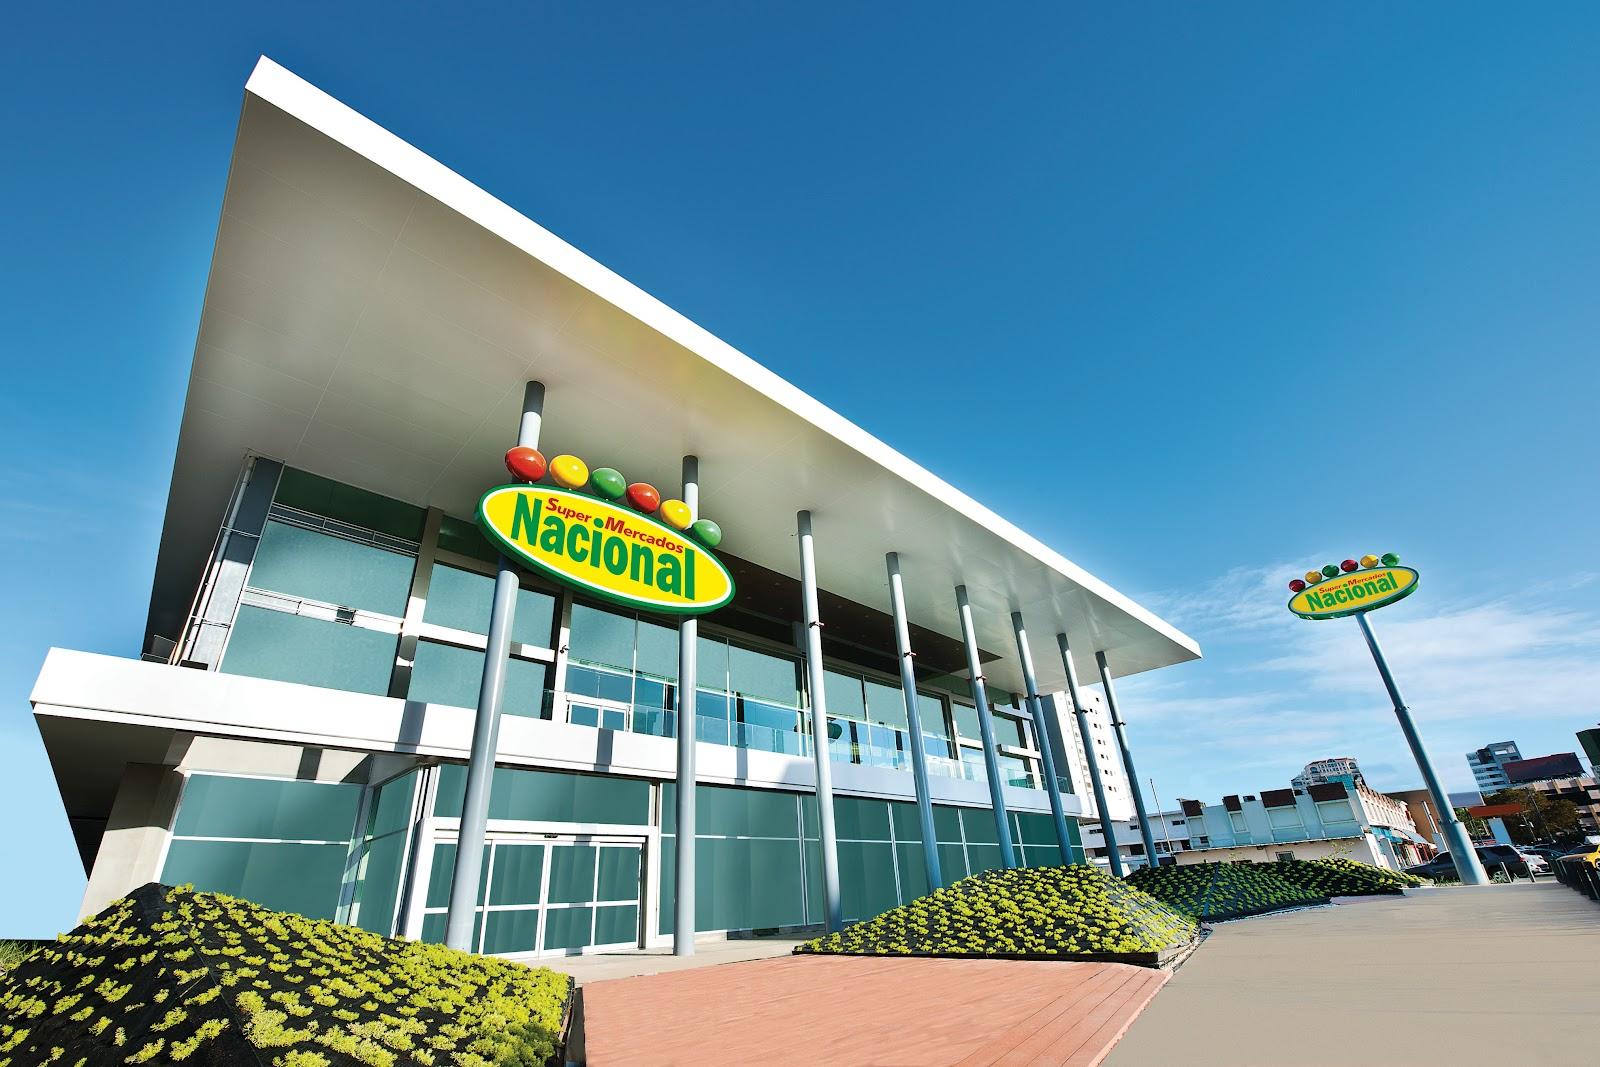 centro cuesta nacional supermercados nacional